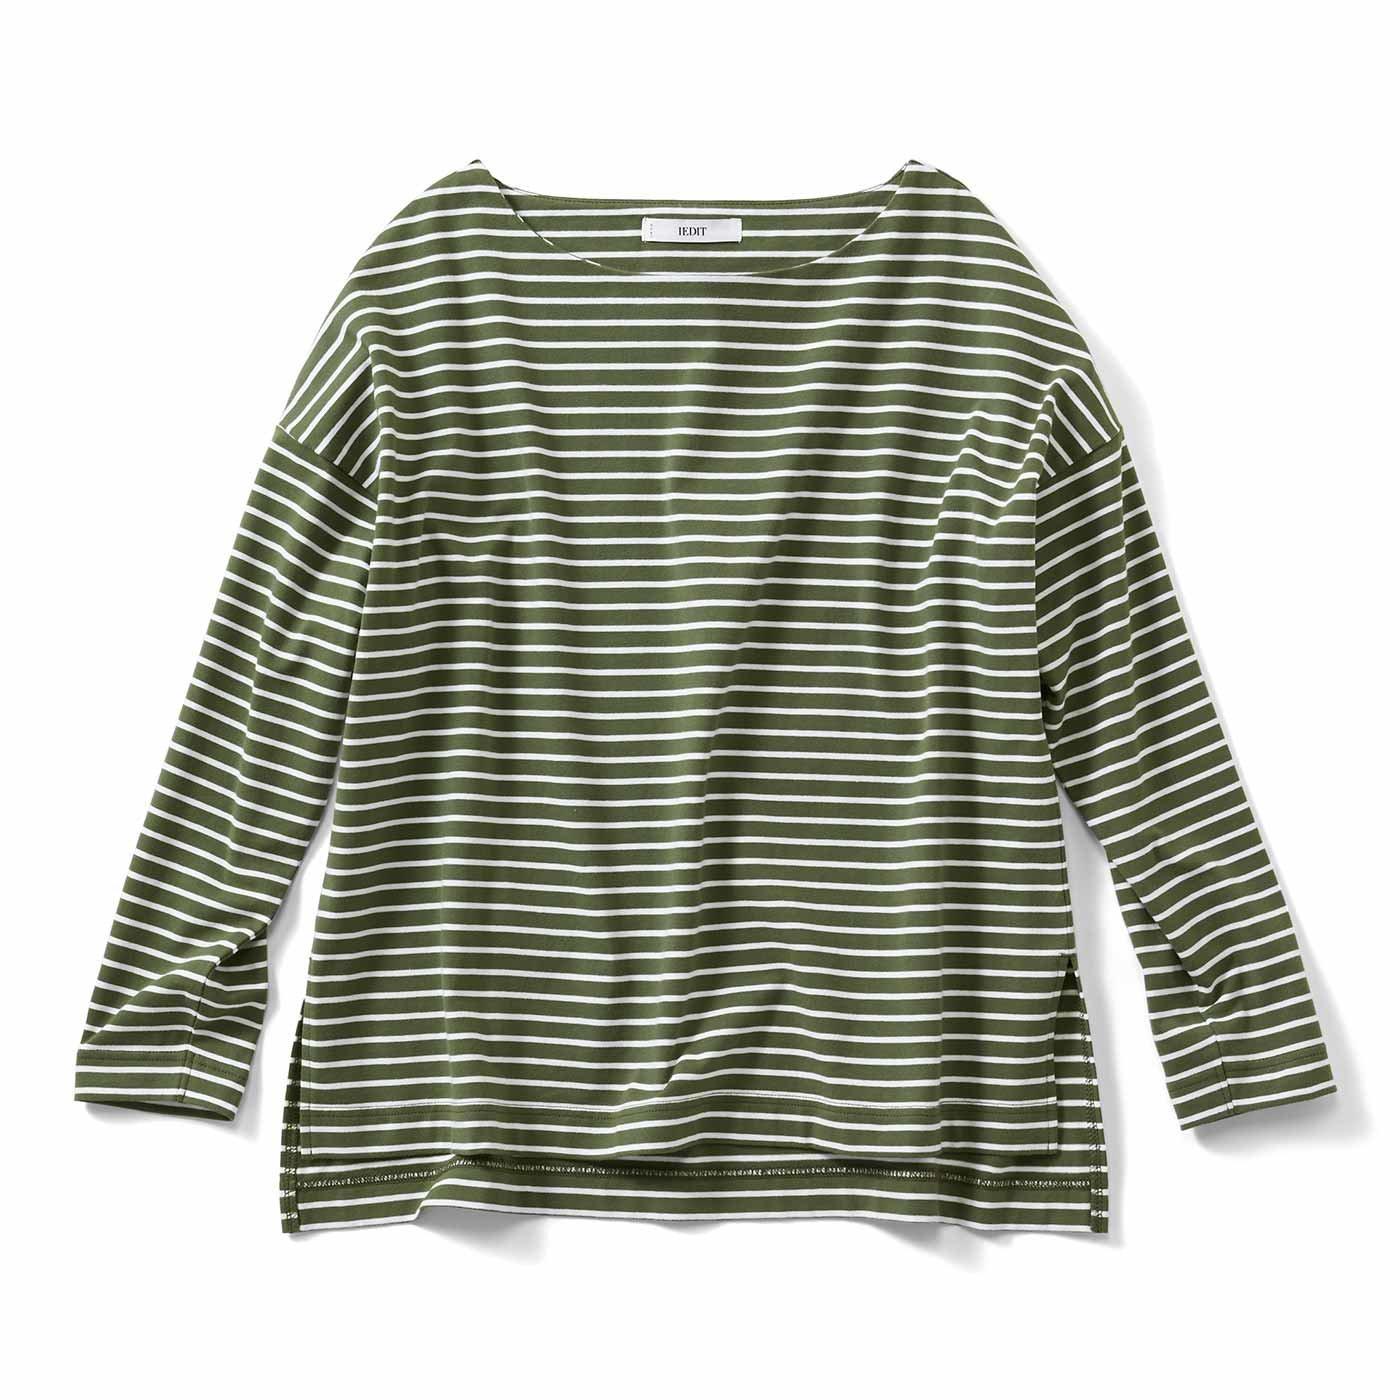 【3~10日でお届け】IEDIT[イディット] 福田麻琴さんコラボ ピッチにこだわった大人ゆるボーダーTシャツ〈セージグリーン〉